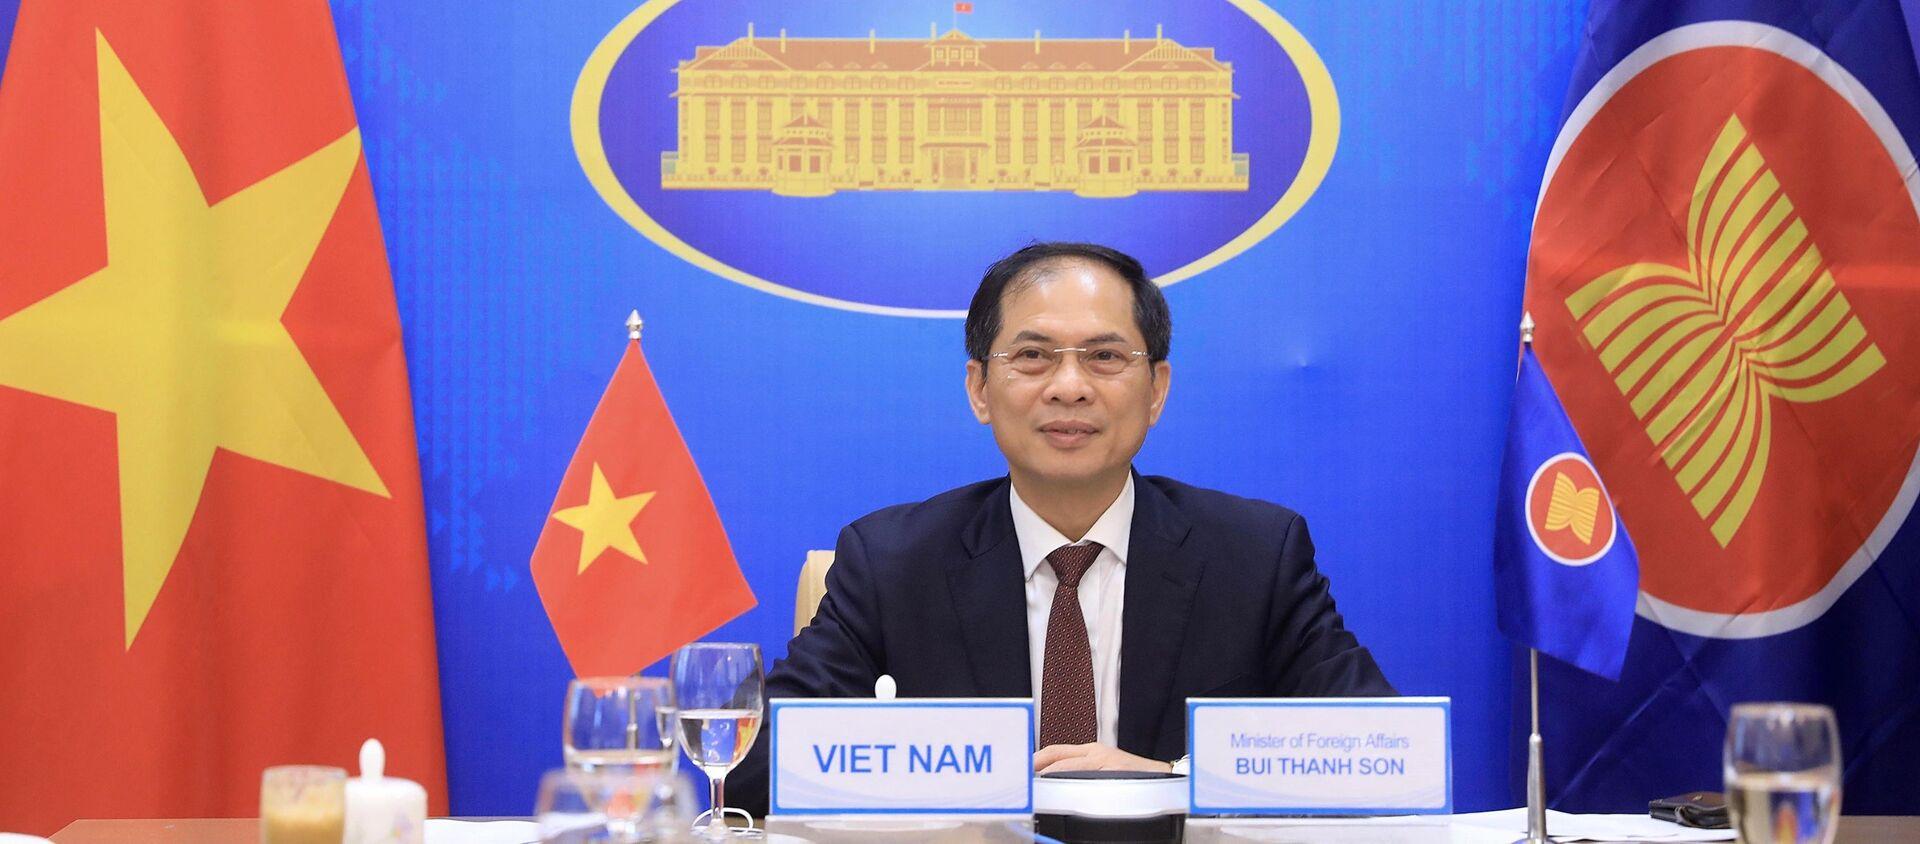 Bộ trưởng Ngoại giao Bùi Thanh Sơn dự tại Hội nghị đặc biệt Bộ trưởng Ngoại giao ASEAN - Hoa Kỳ. - Sputnik Việt Nam, 1920, 14.07.2021